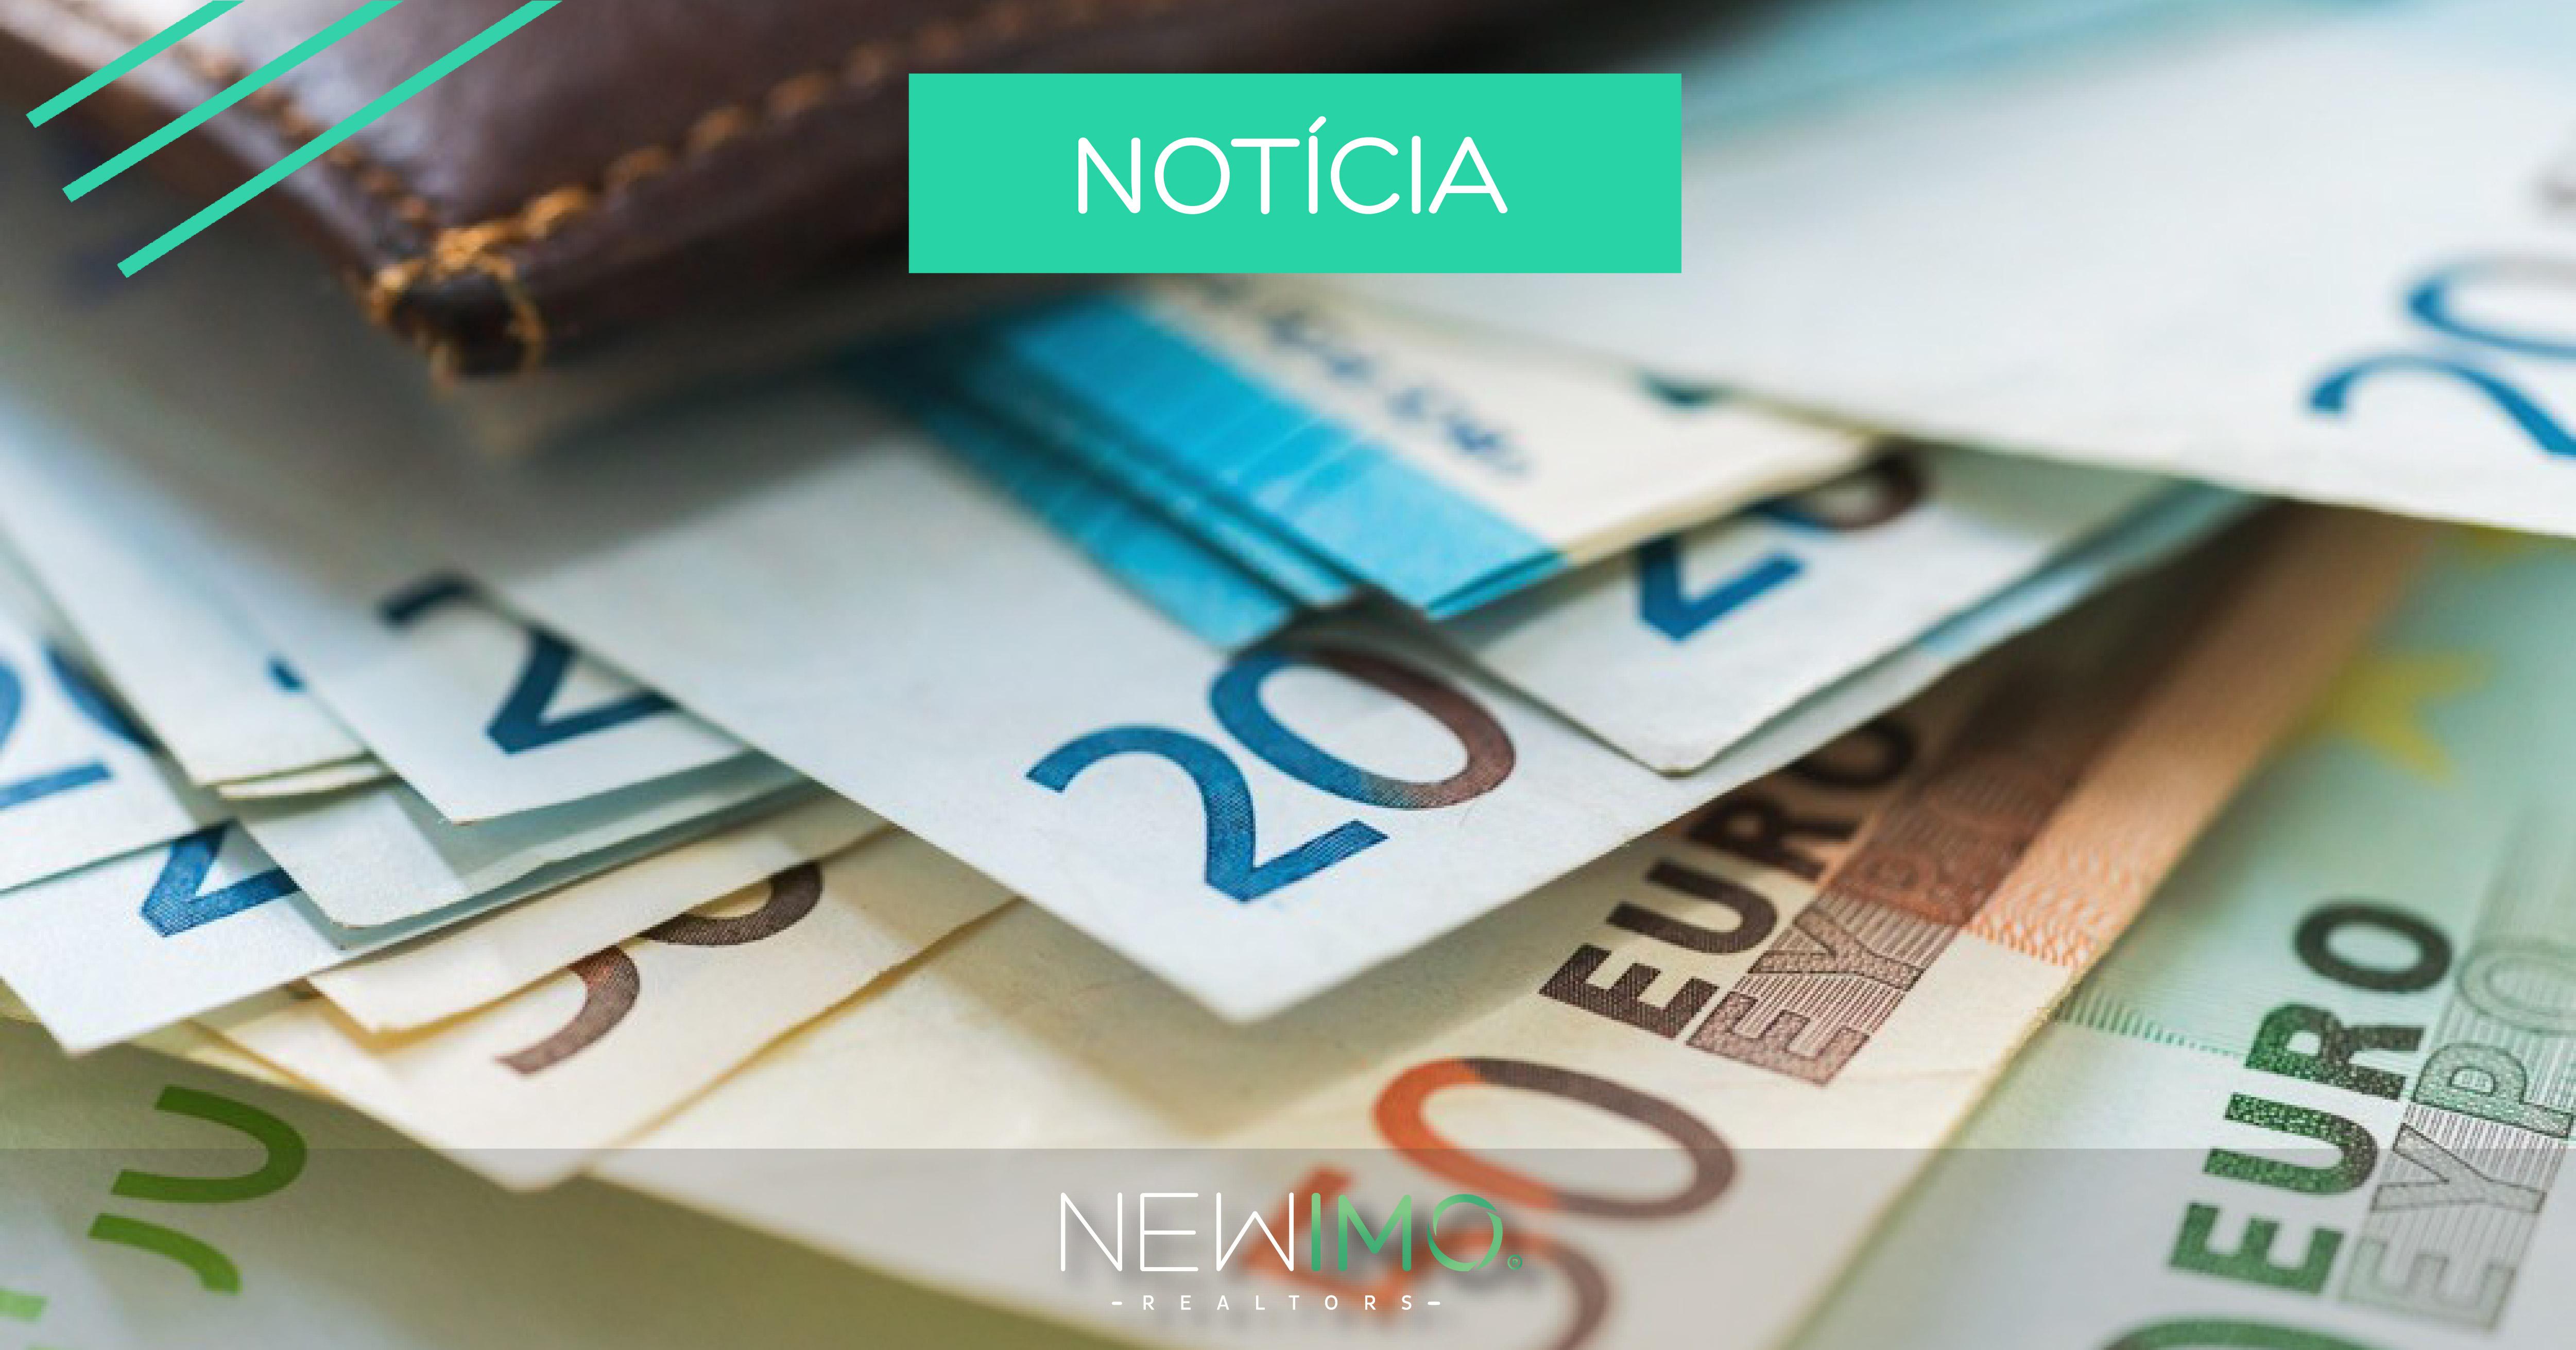 Salário mínimo em 2021 vai subir para 665 euros